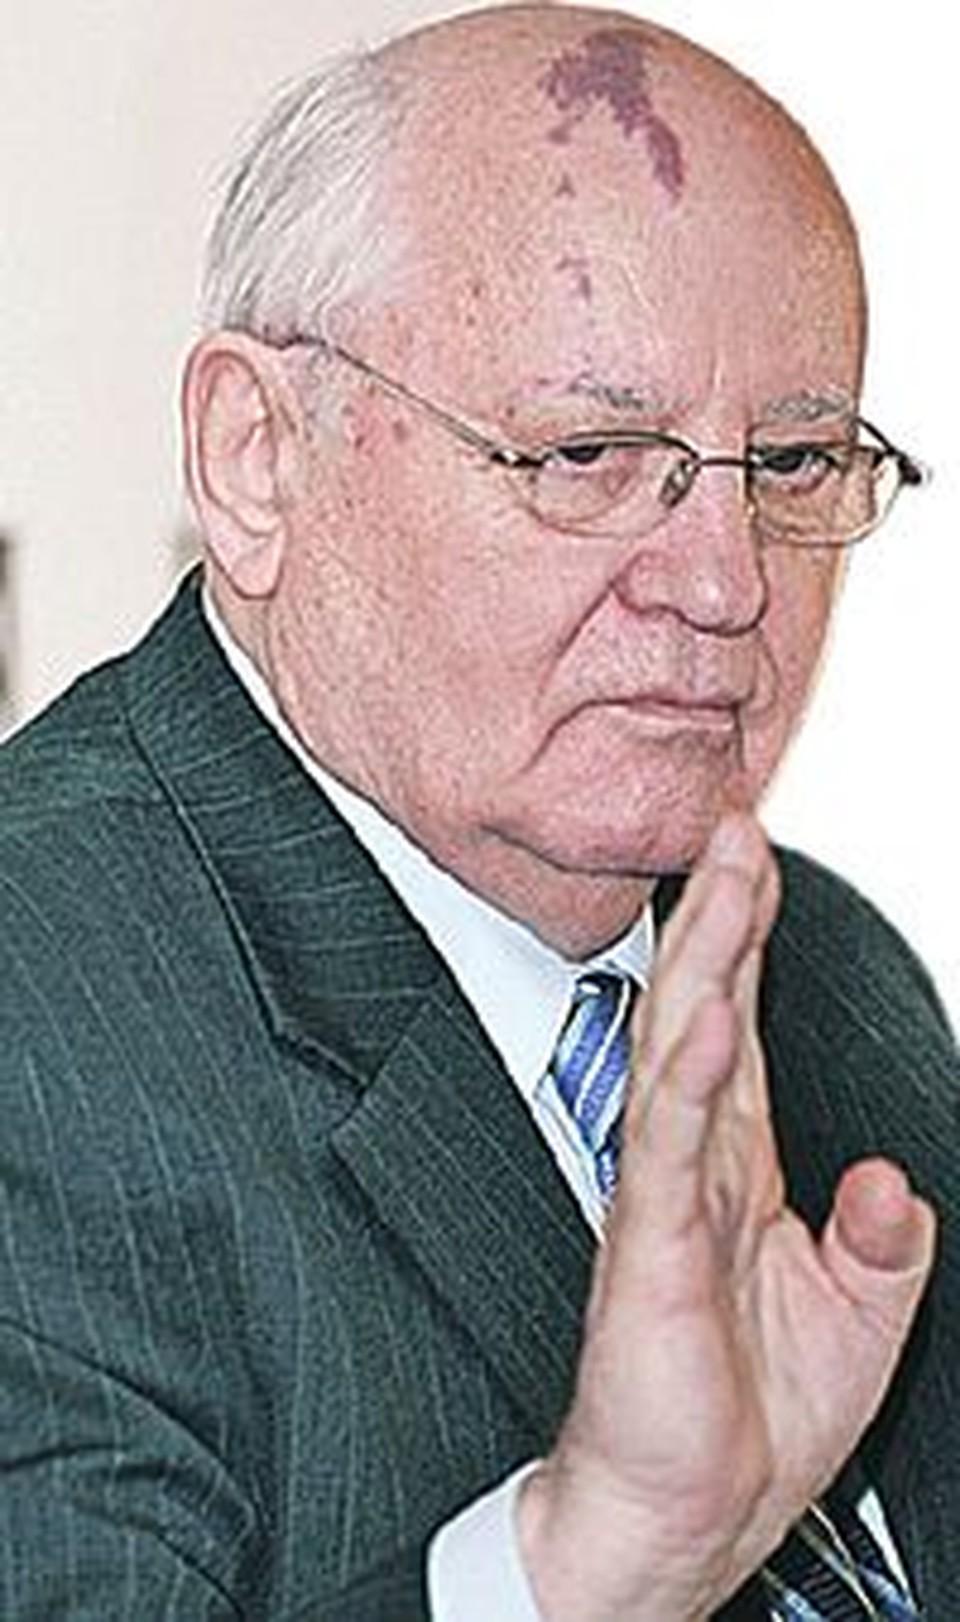 Бывший генеральный секретарь КПСС желает похоронить вождя пролетариата подальше от Кремля.